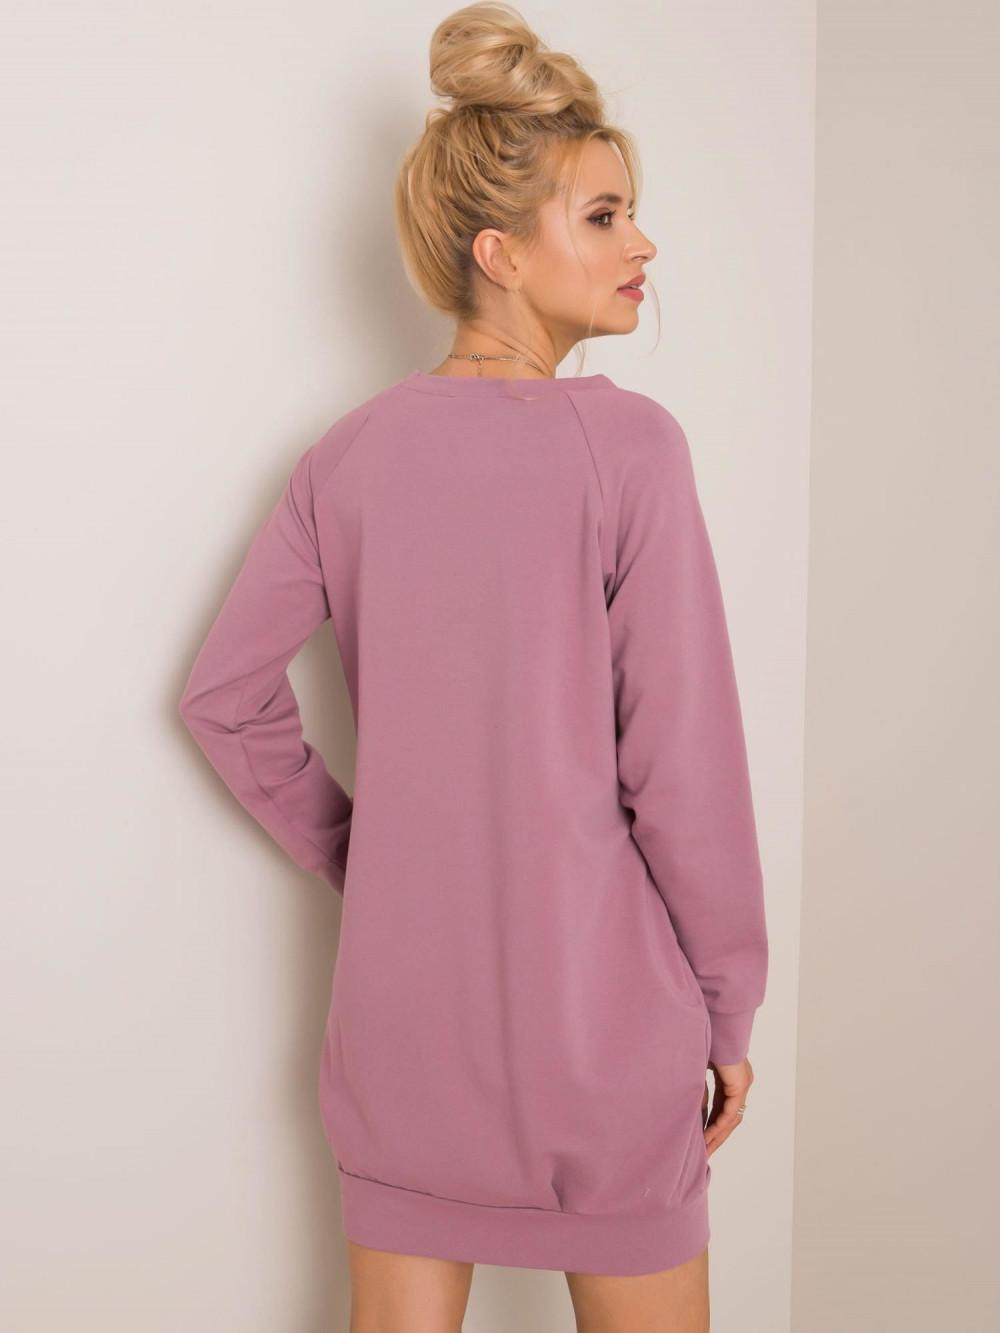 Brudnoróżowa sukienka bluza z kieszeniami Glove 3